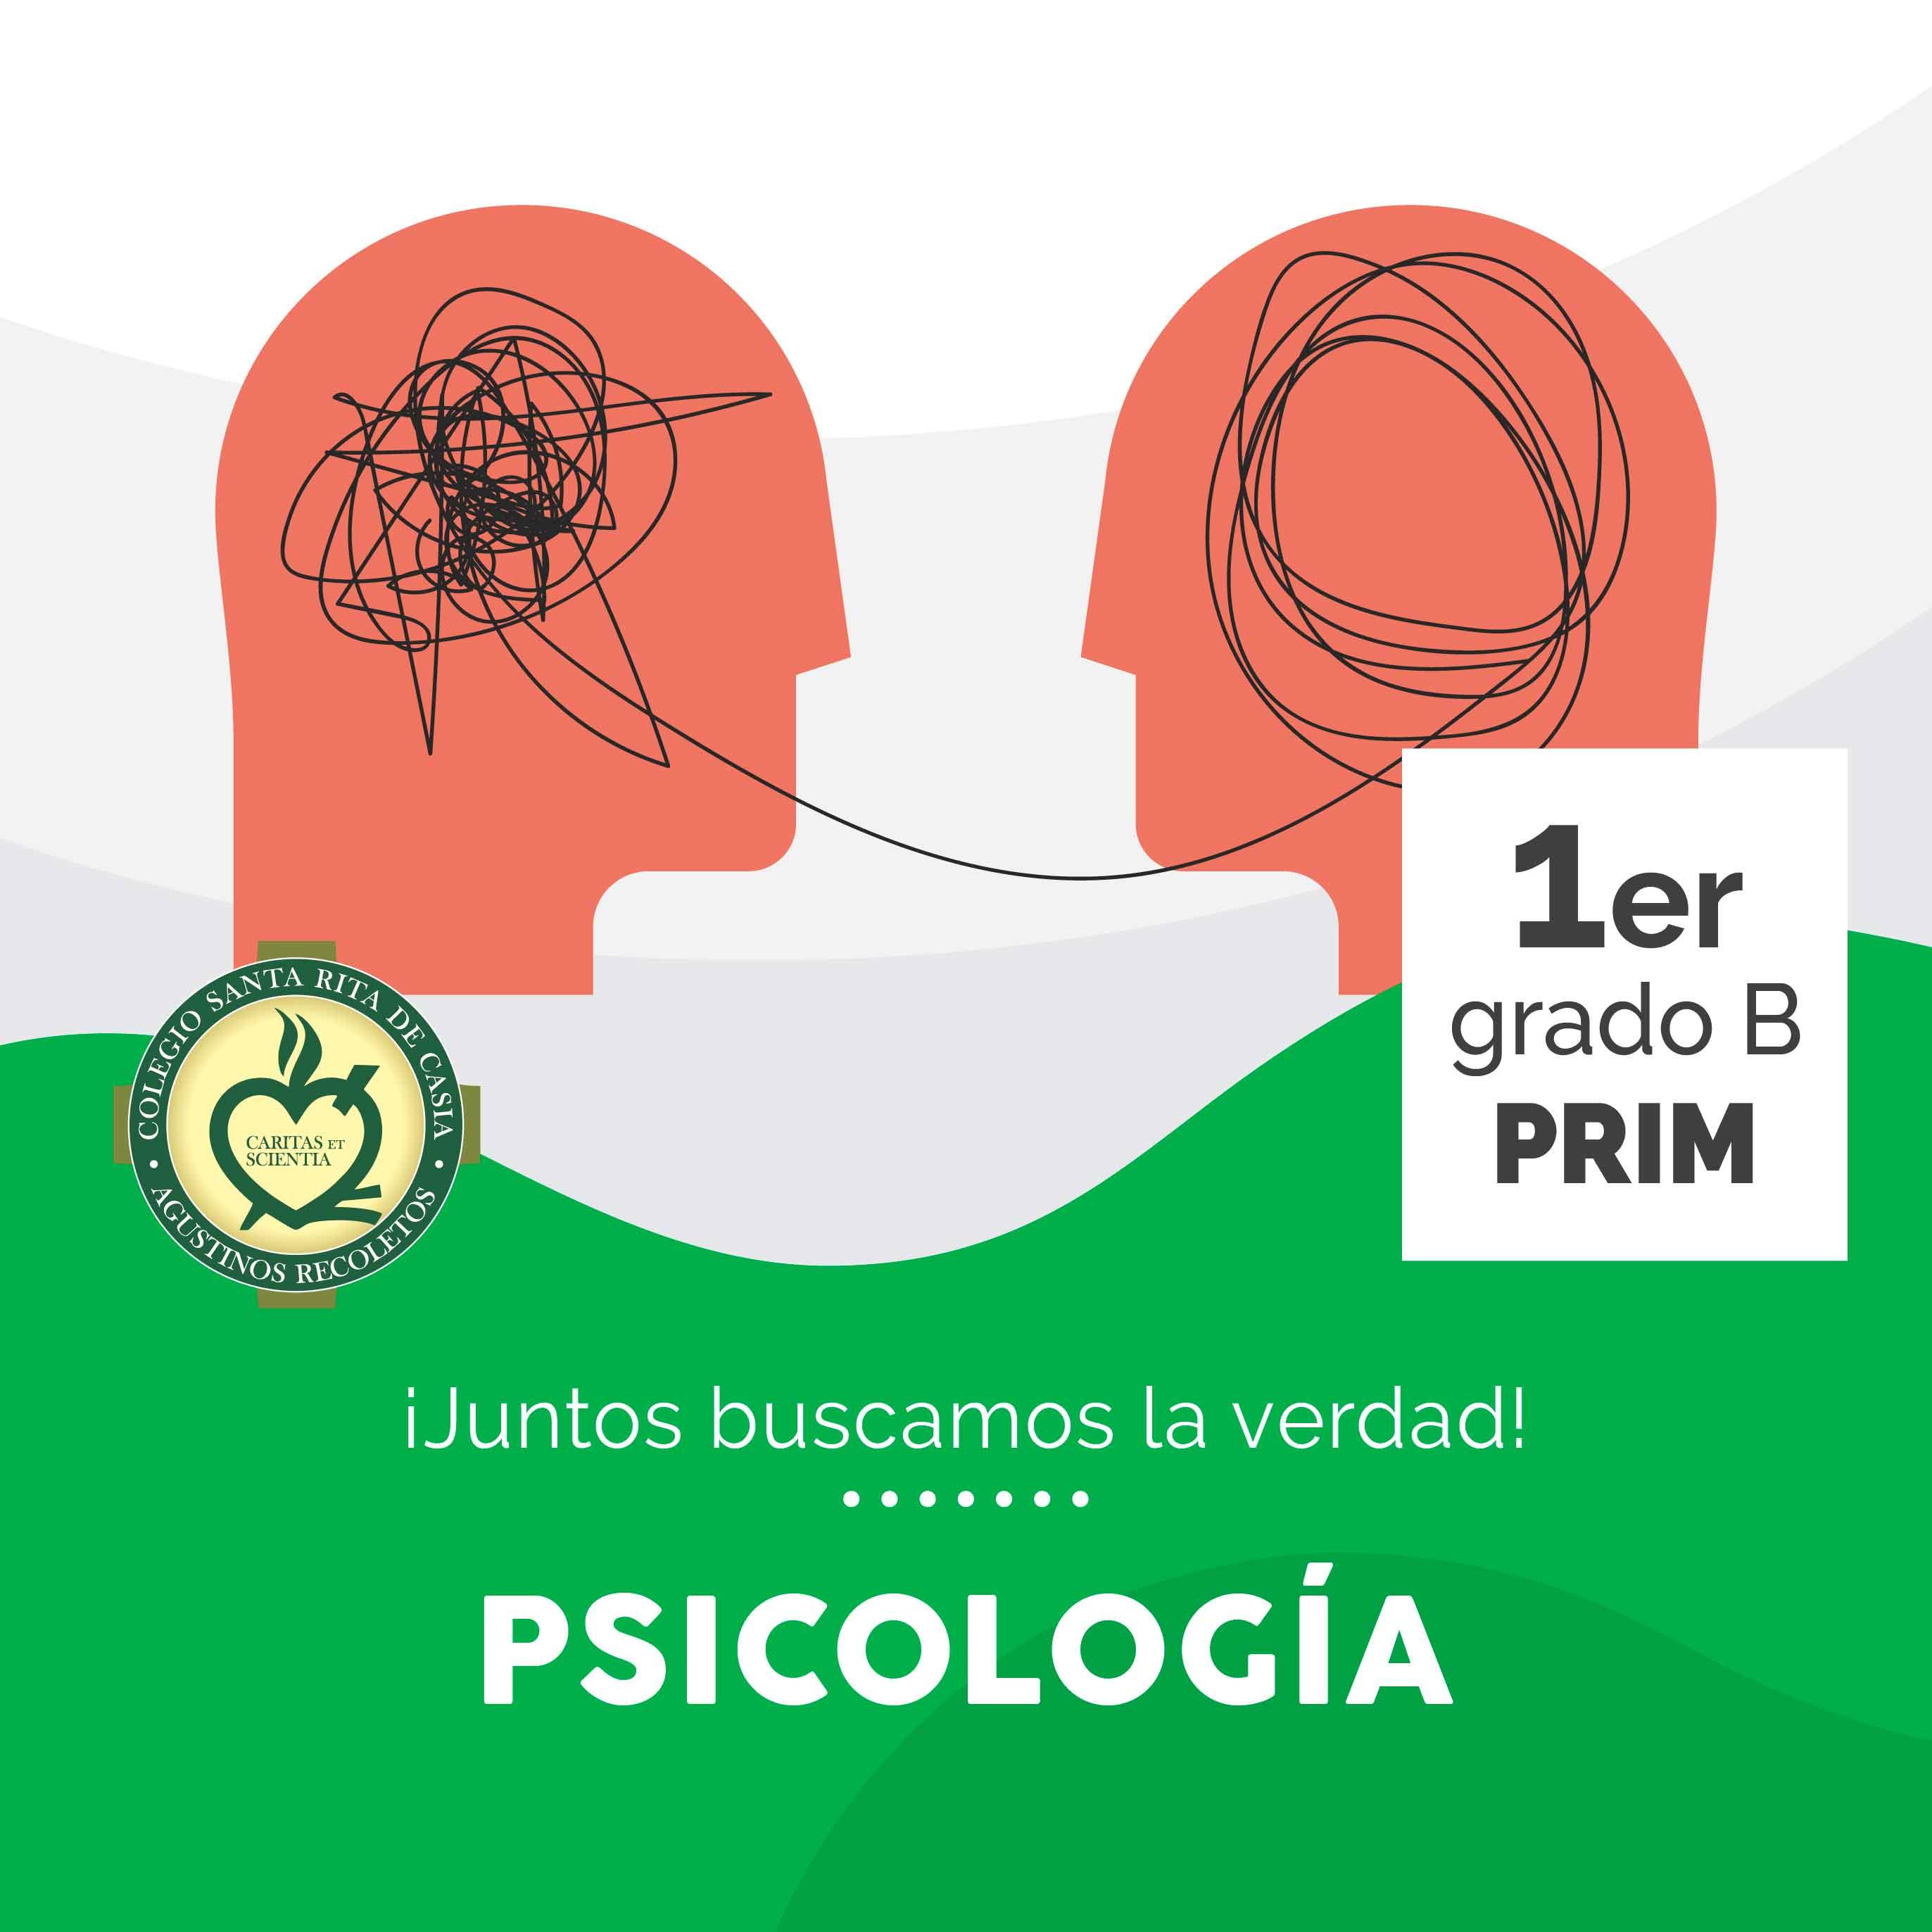 Psicología 1er Grado B